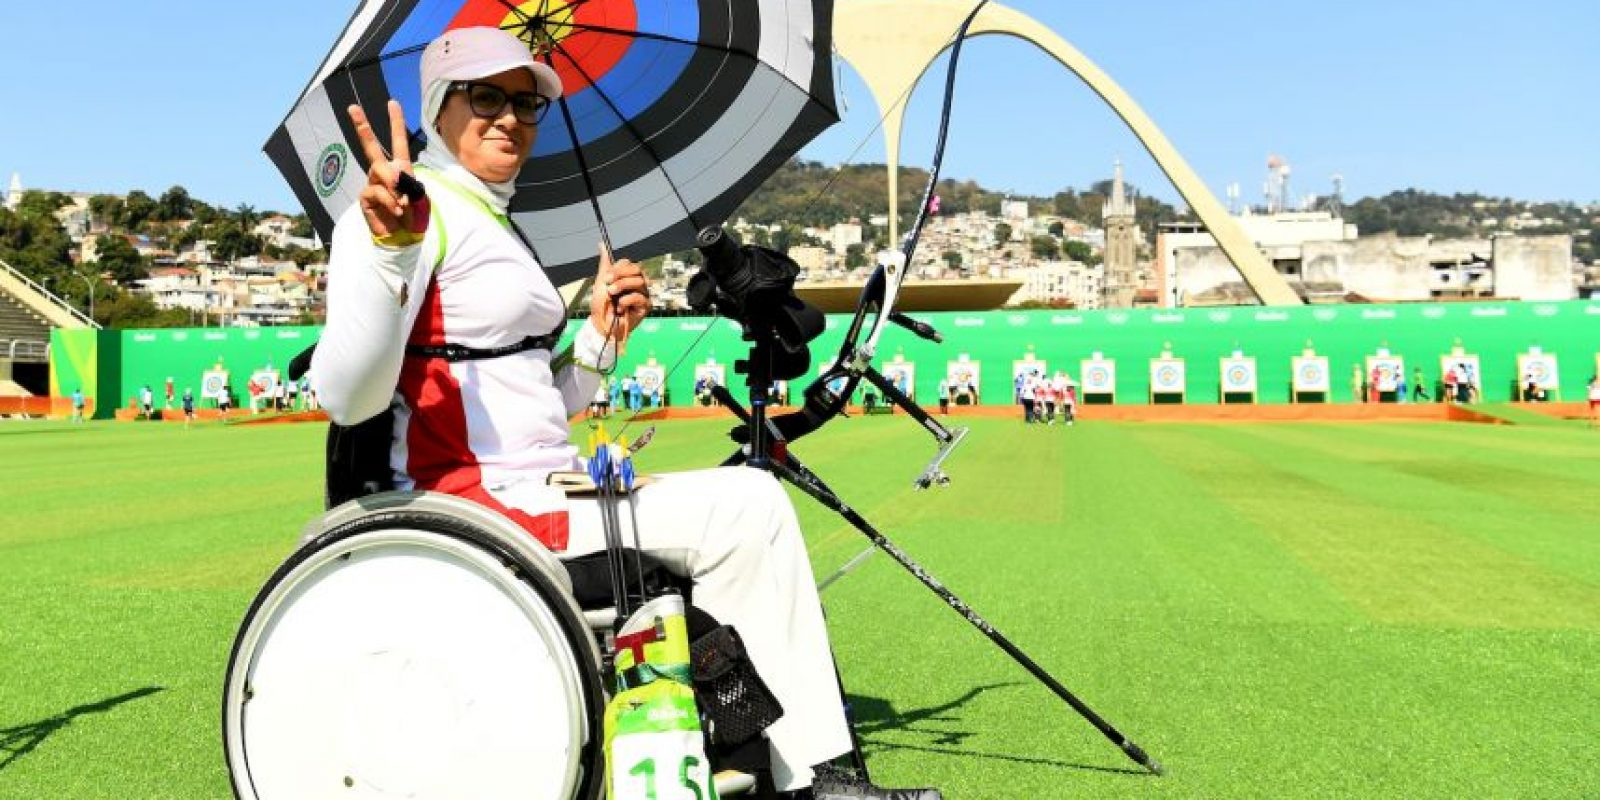 La iraníe participó en tiro con arco en los Juegos Olímpicos de Río y defenderá el título en los Juegos Paralímpicos Foto:Getty Images